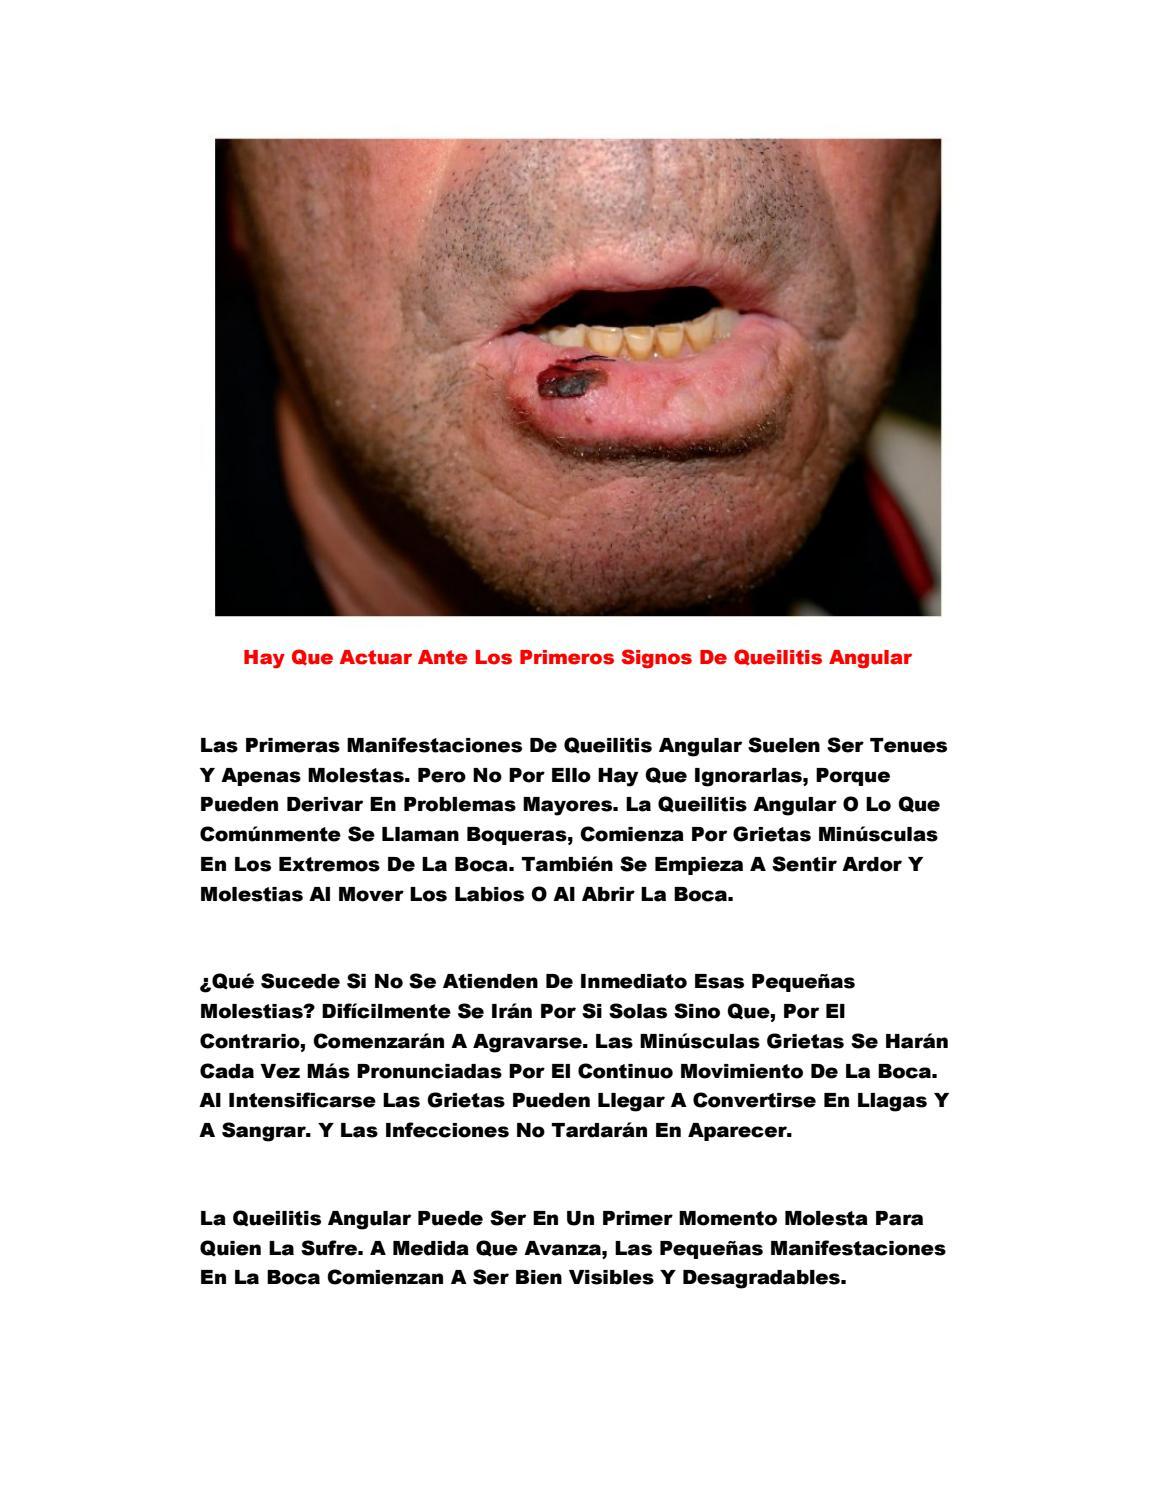 crema antifungica boqueras